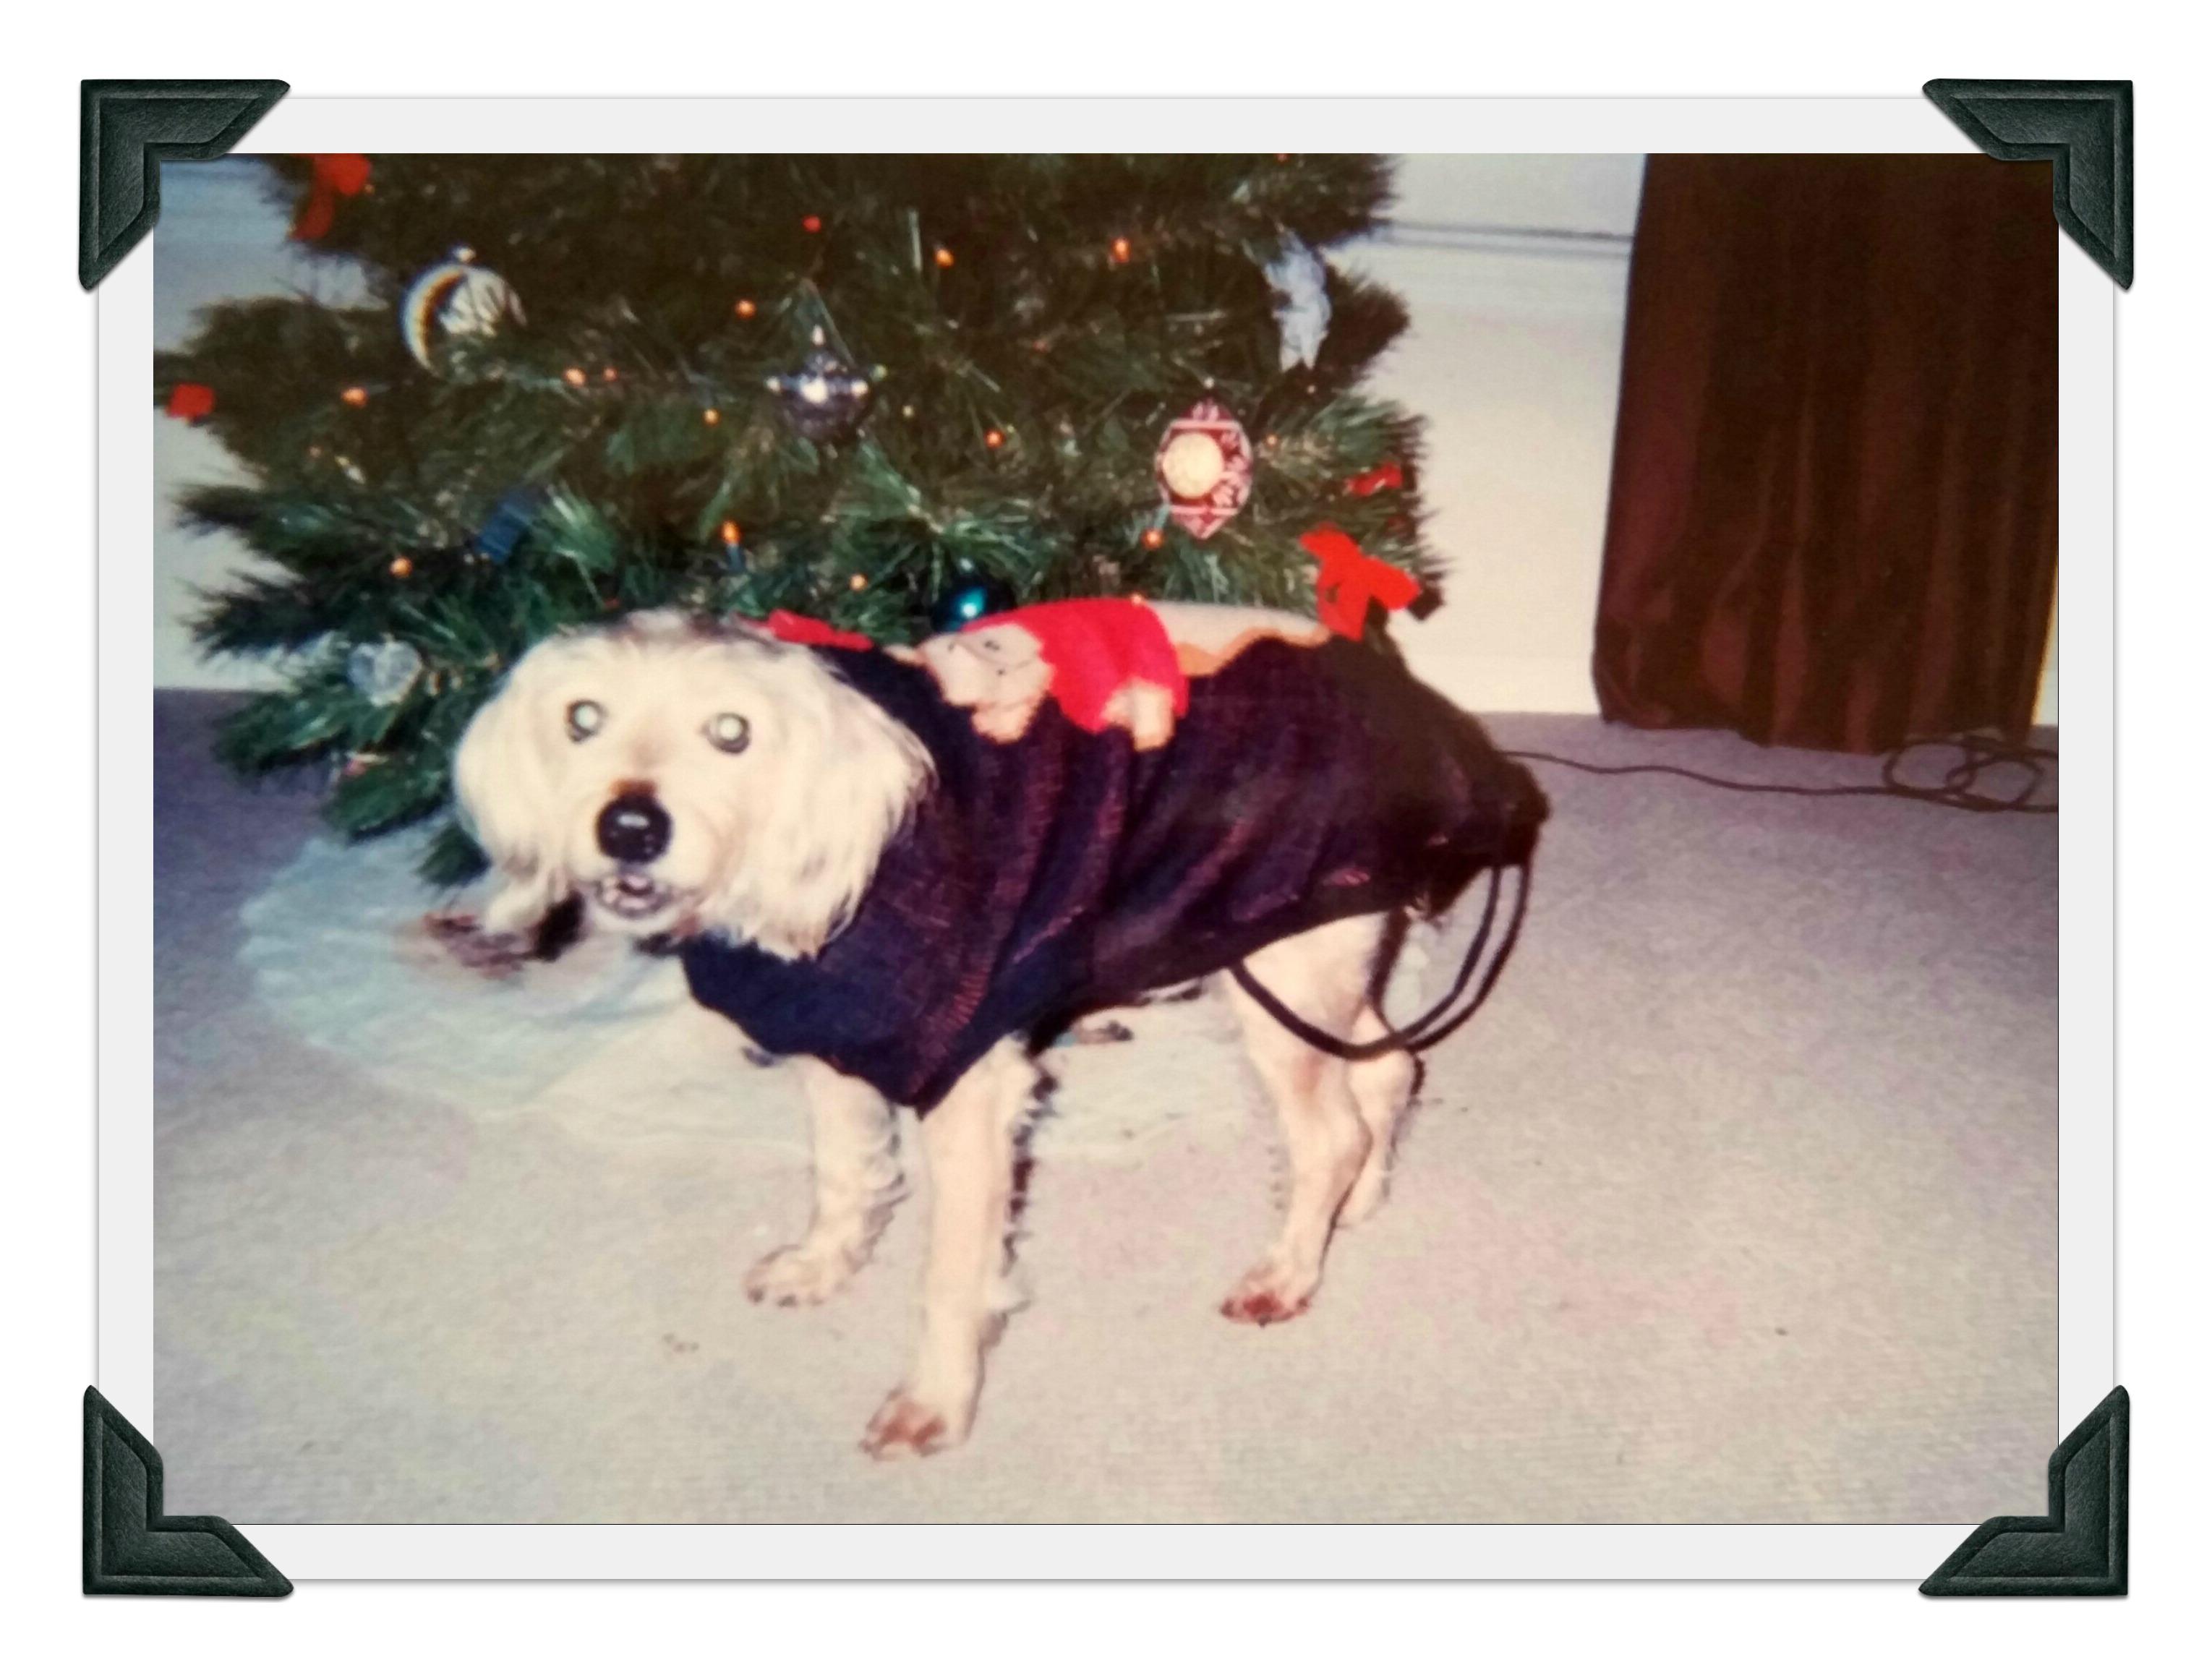 Sammy Christmas 2002 edited 2